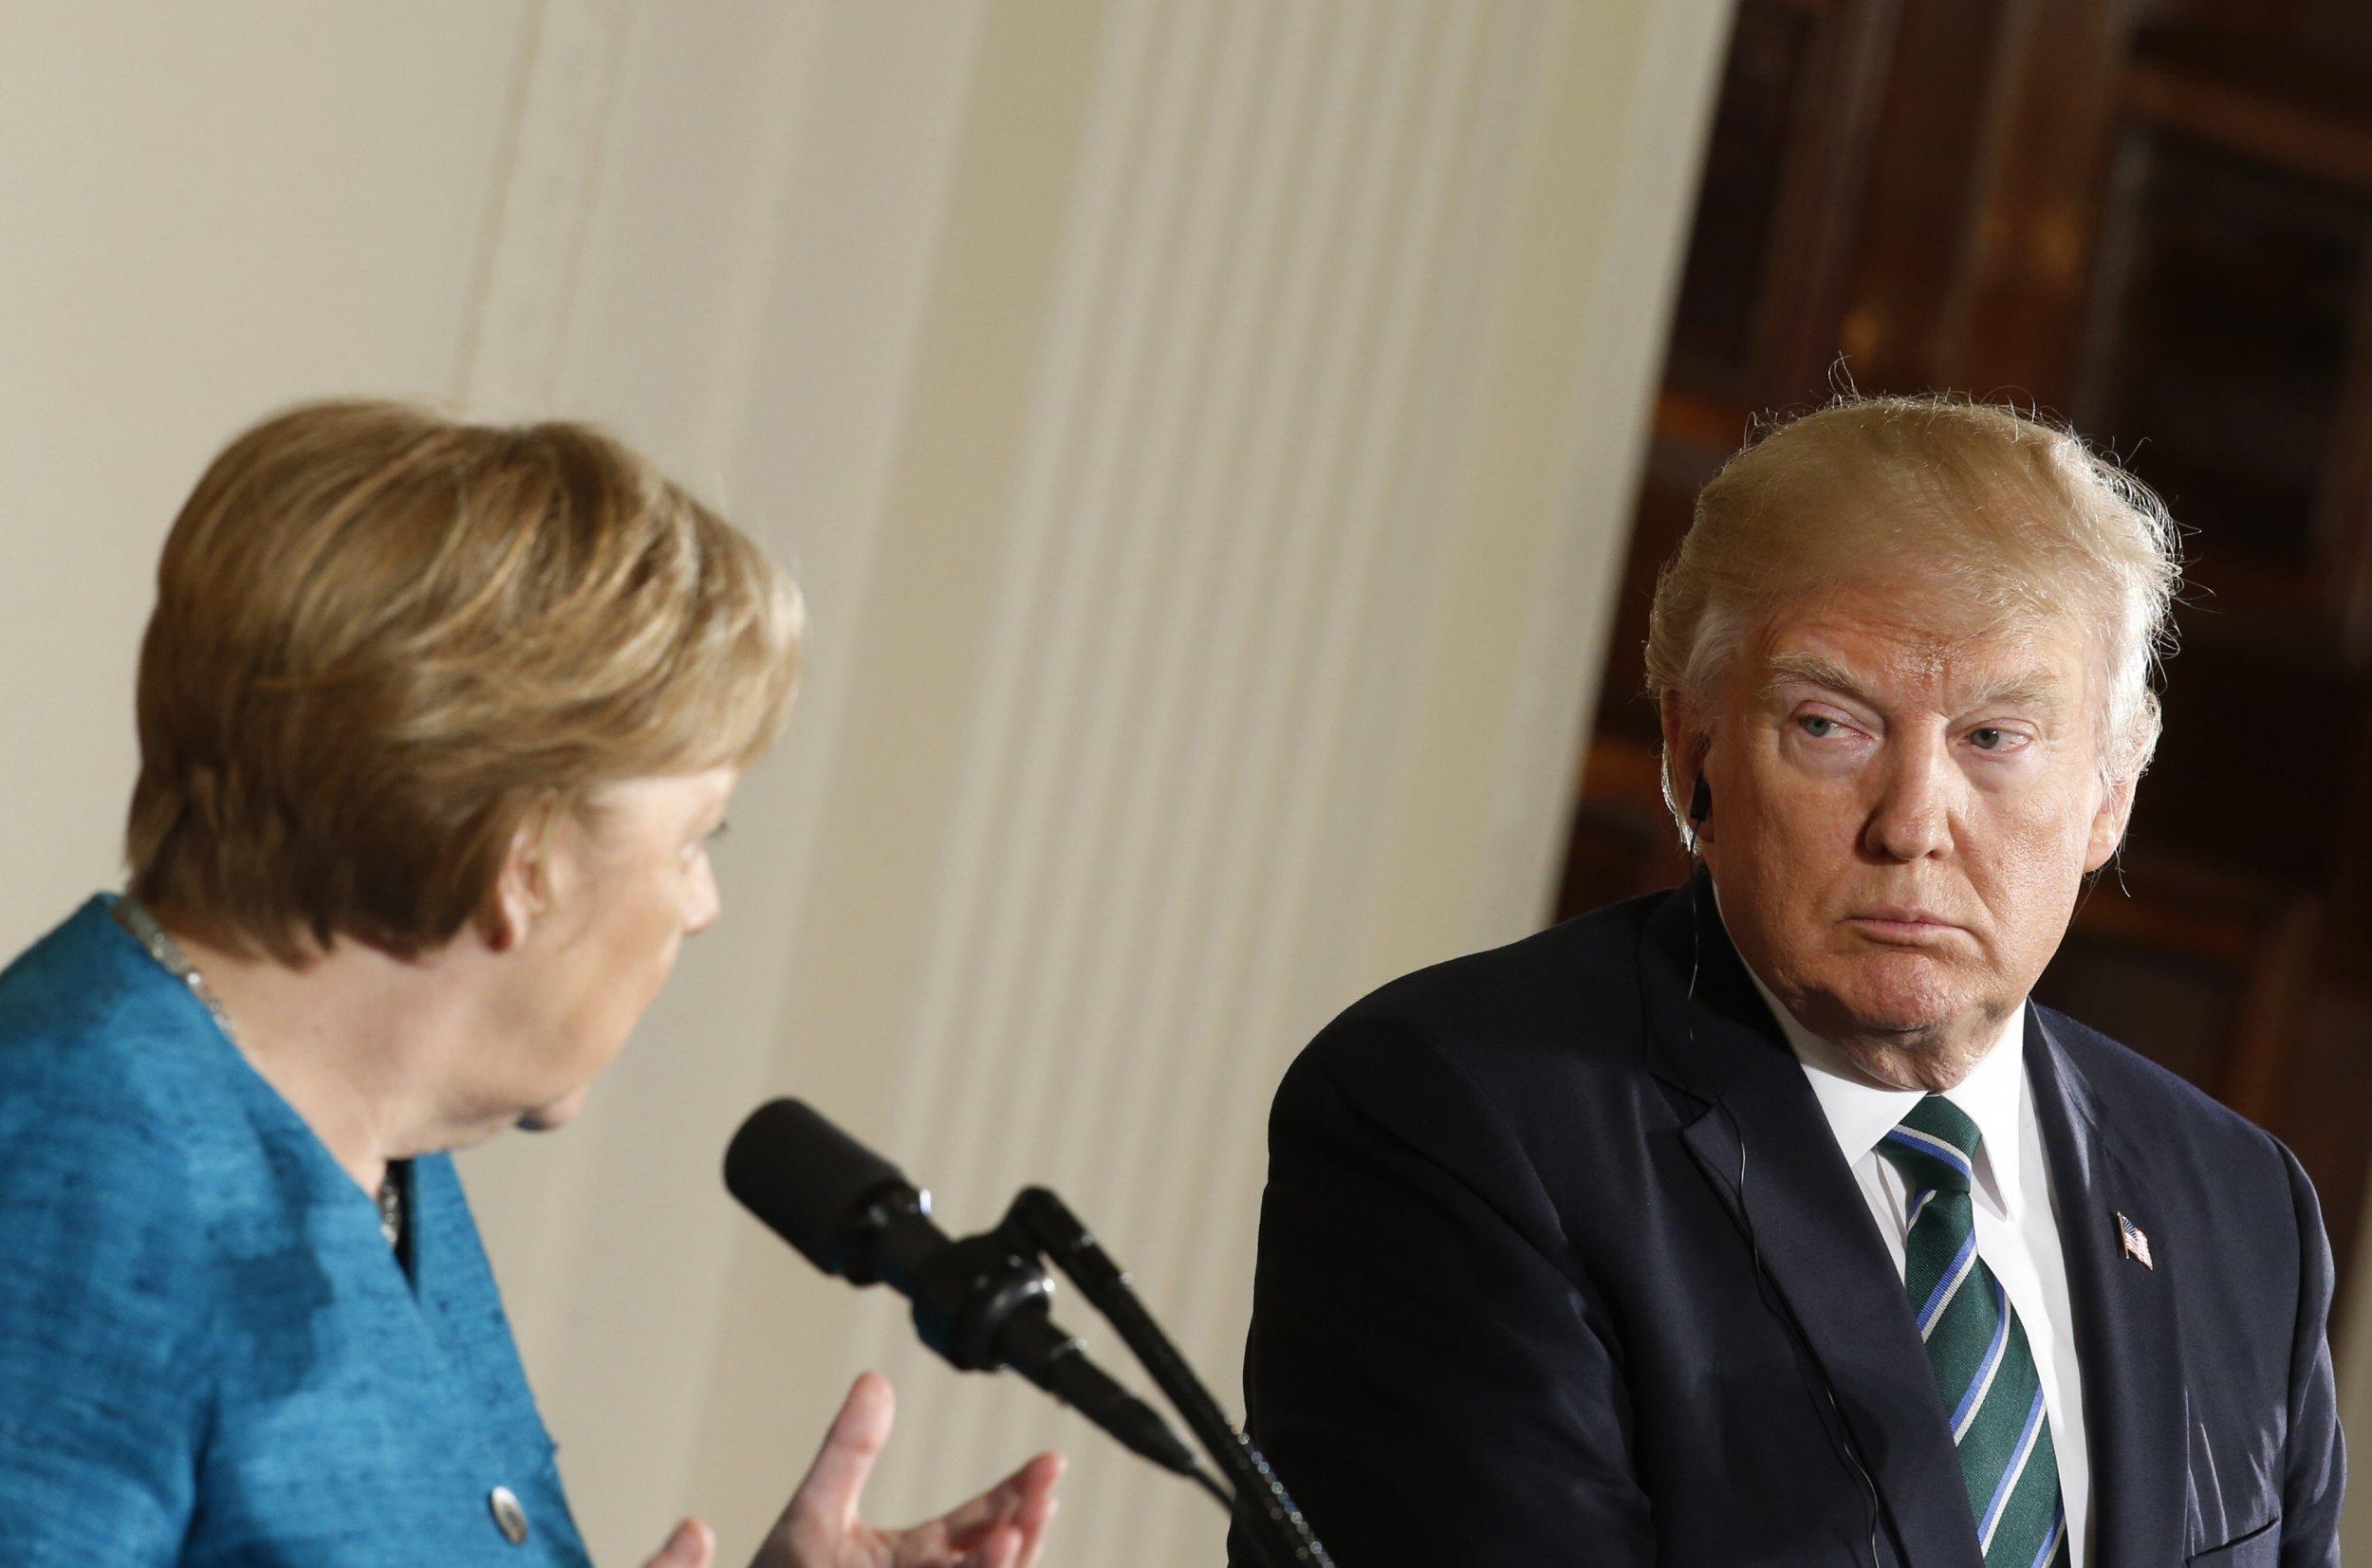 316_Trump Merkel